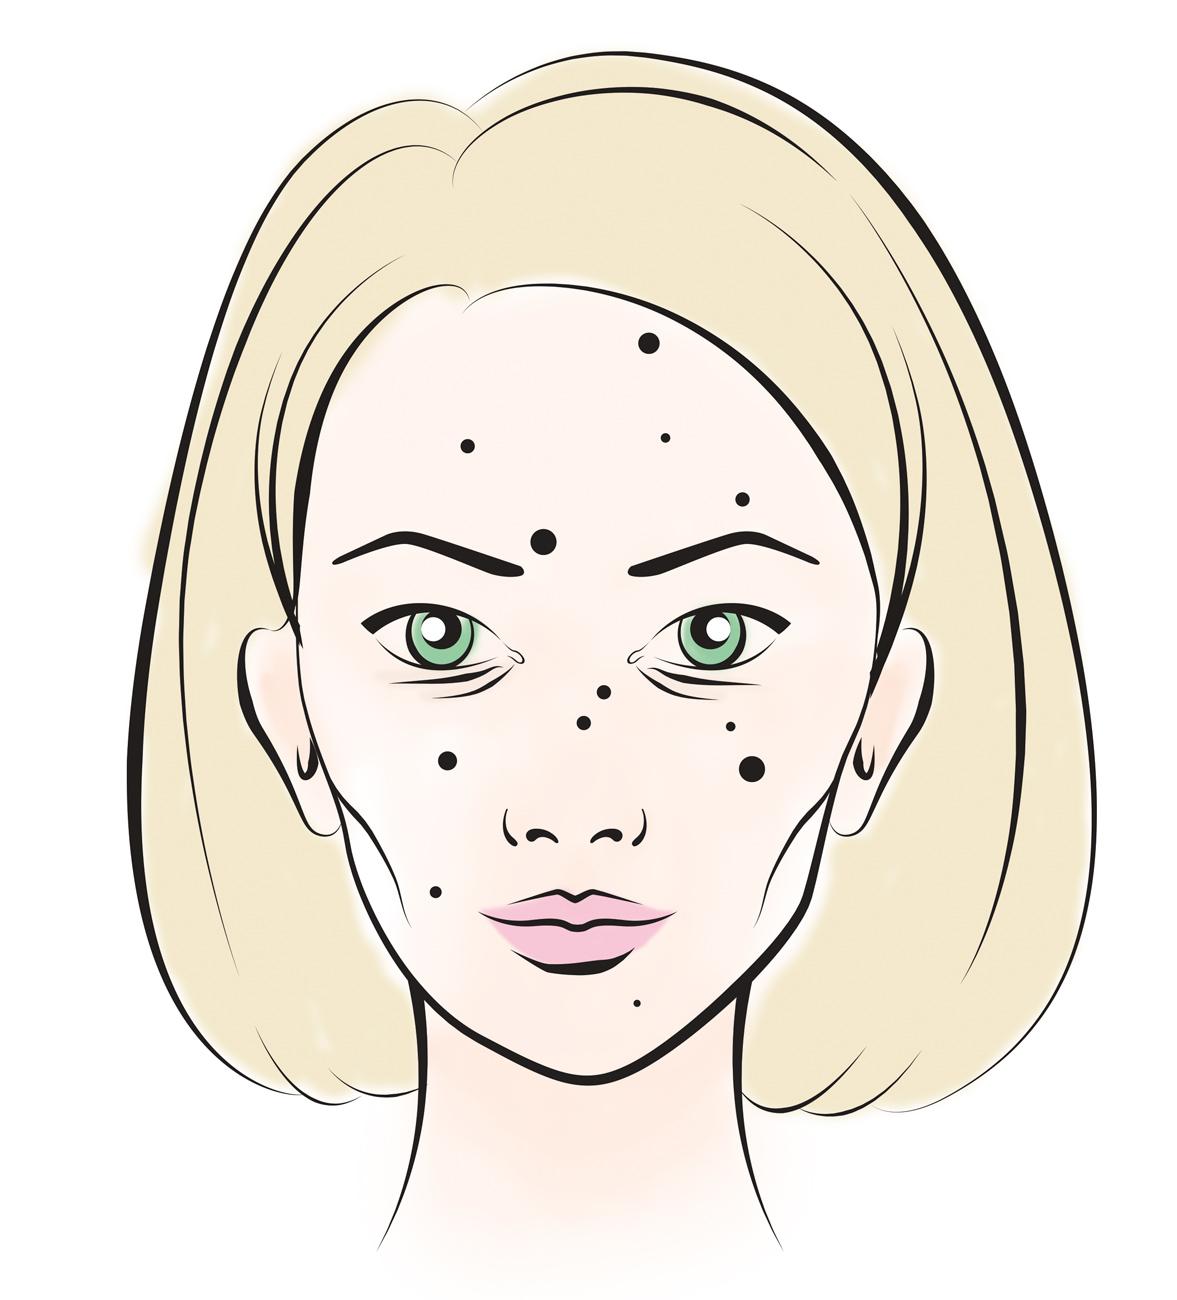 bőrproblémák, Bőrre írt étkezési szokások – Küszöböld ki a bőrproblémákat helyes táplálkozással még az esküvő előtt!